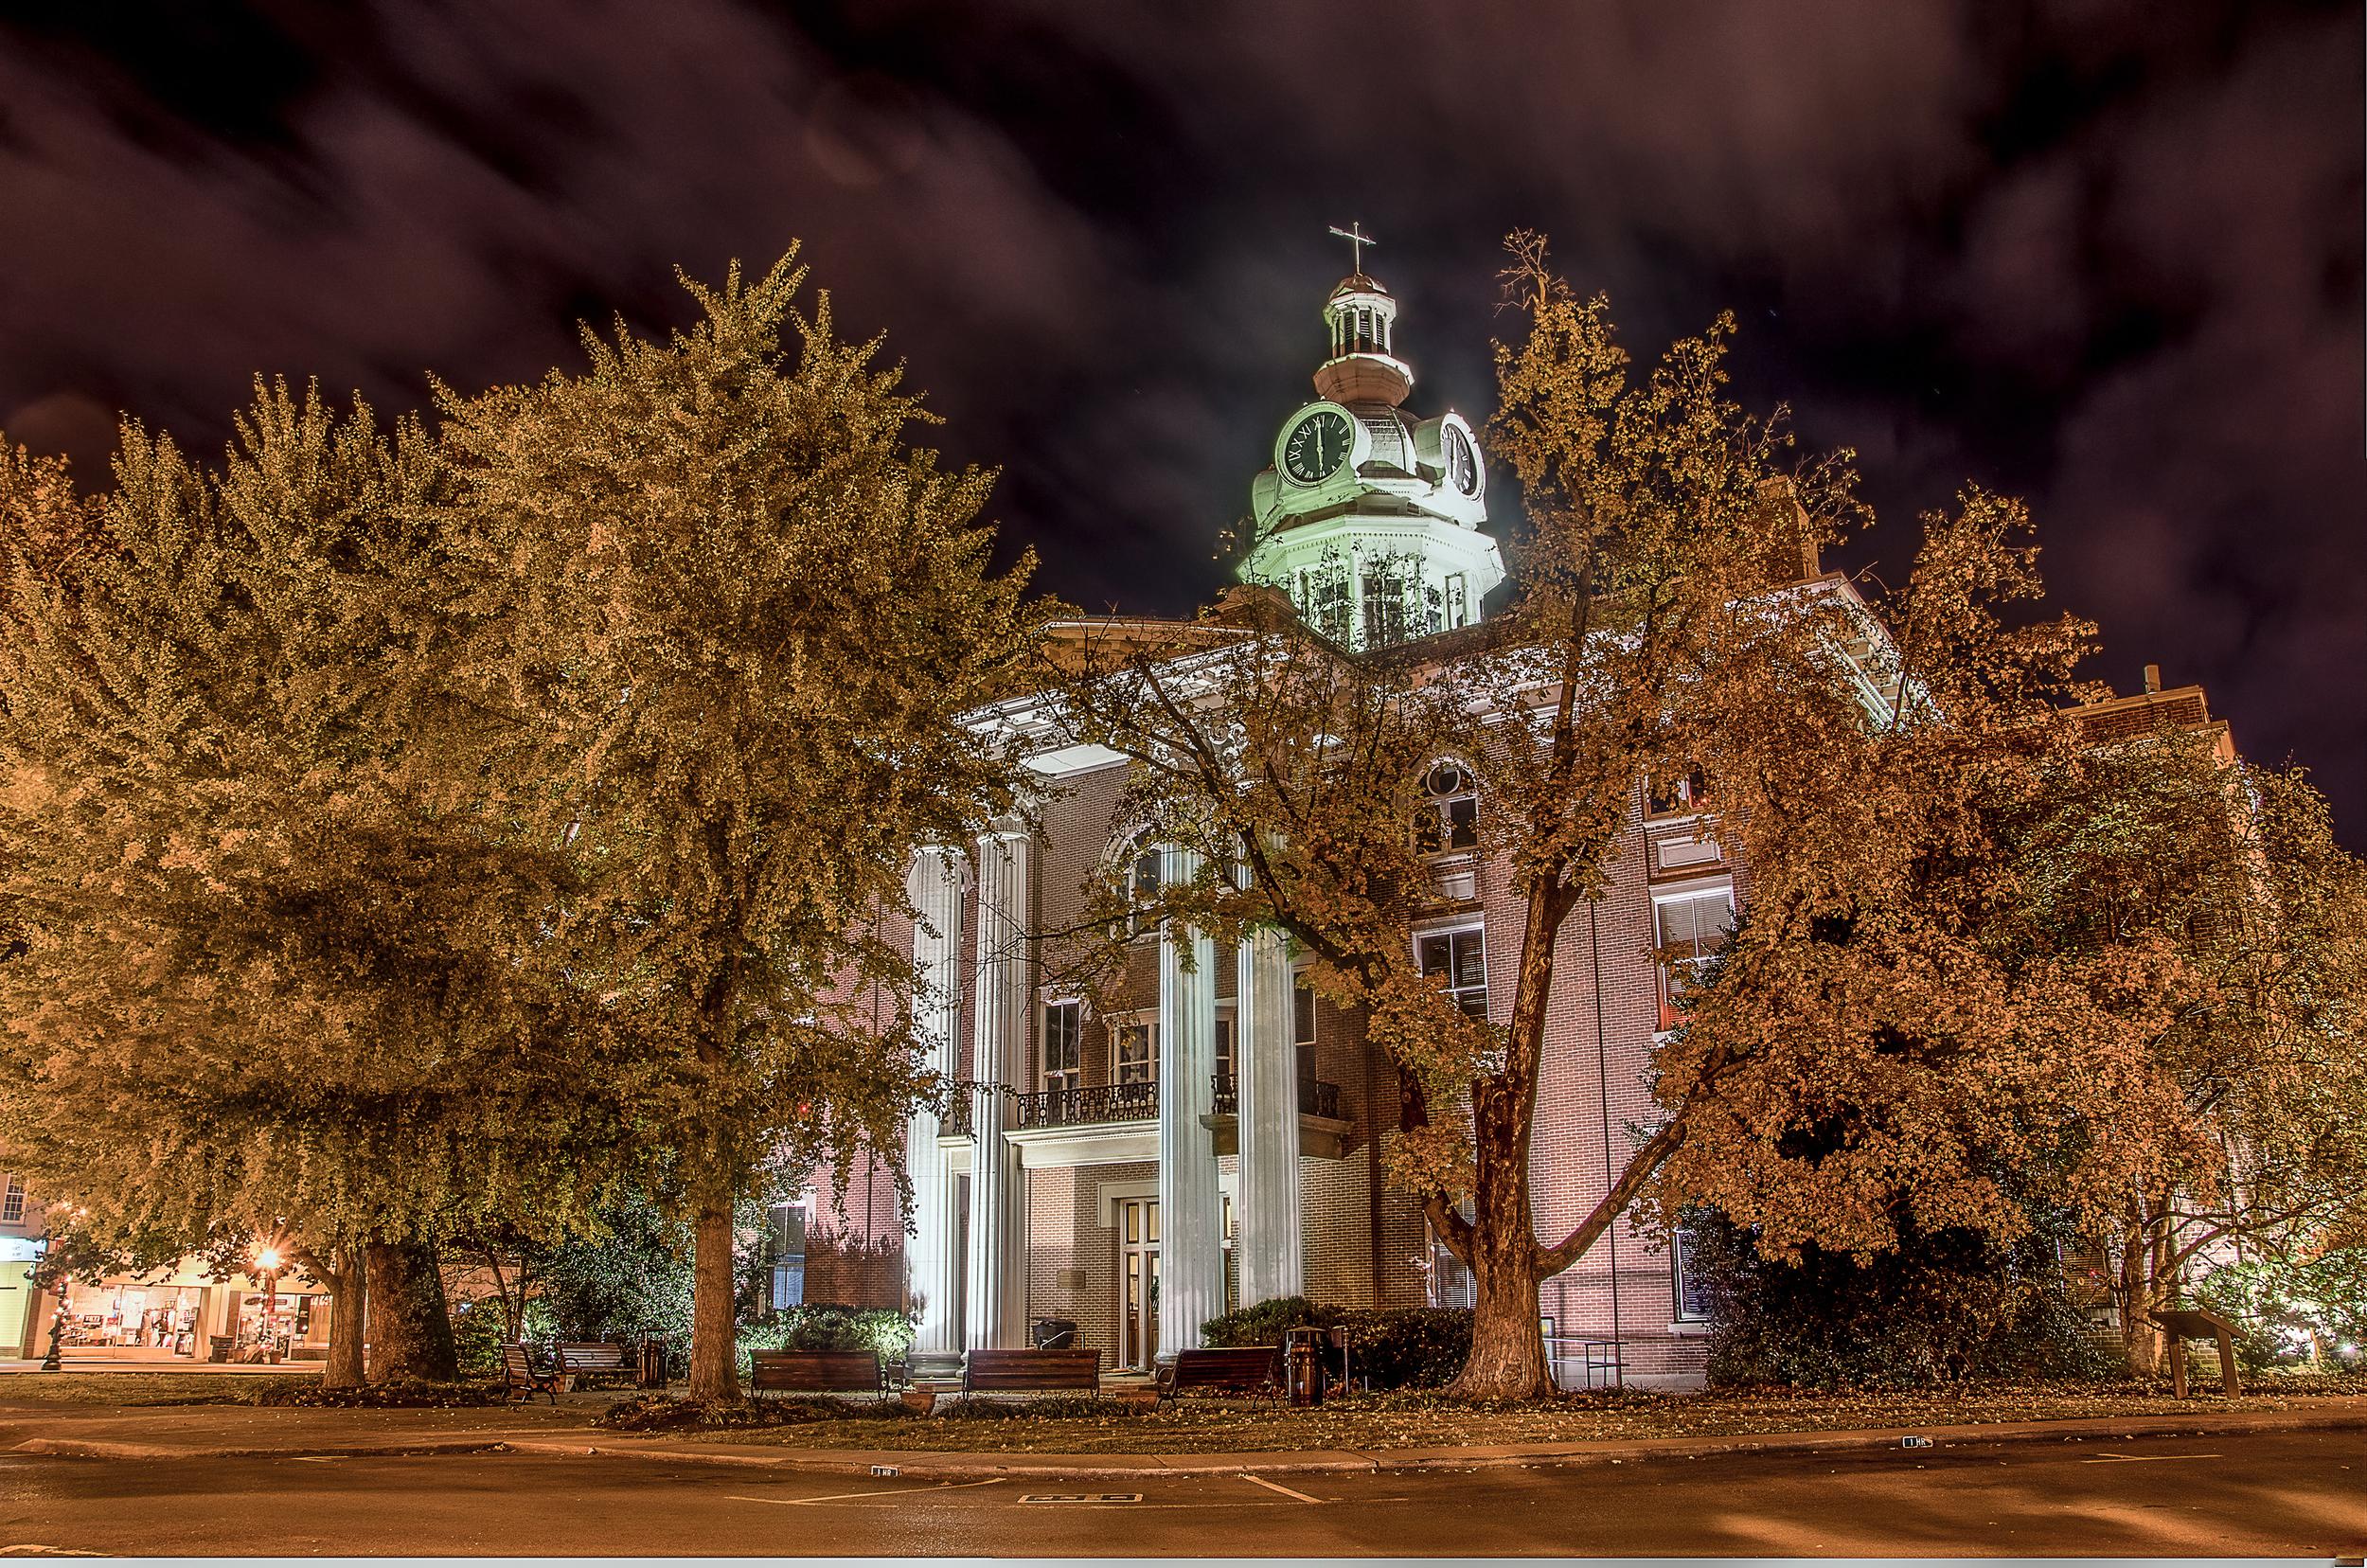 Court House, Murfreesboro, TN